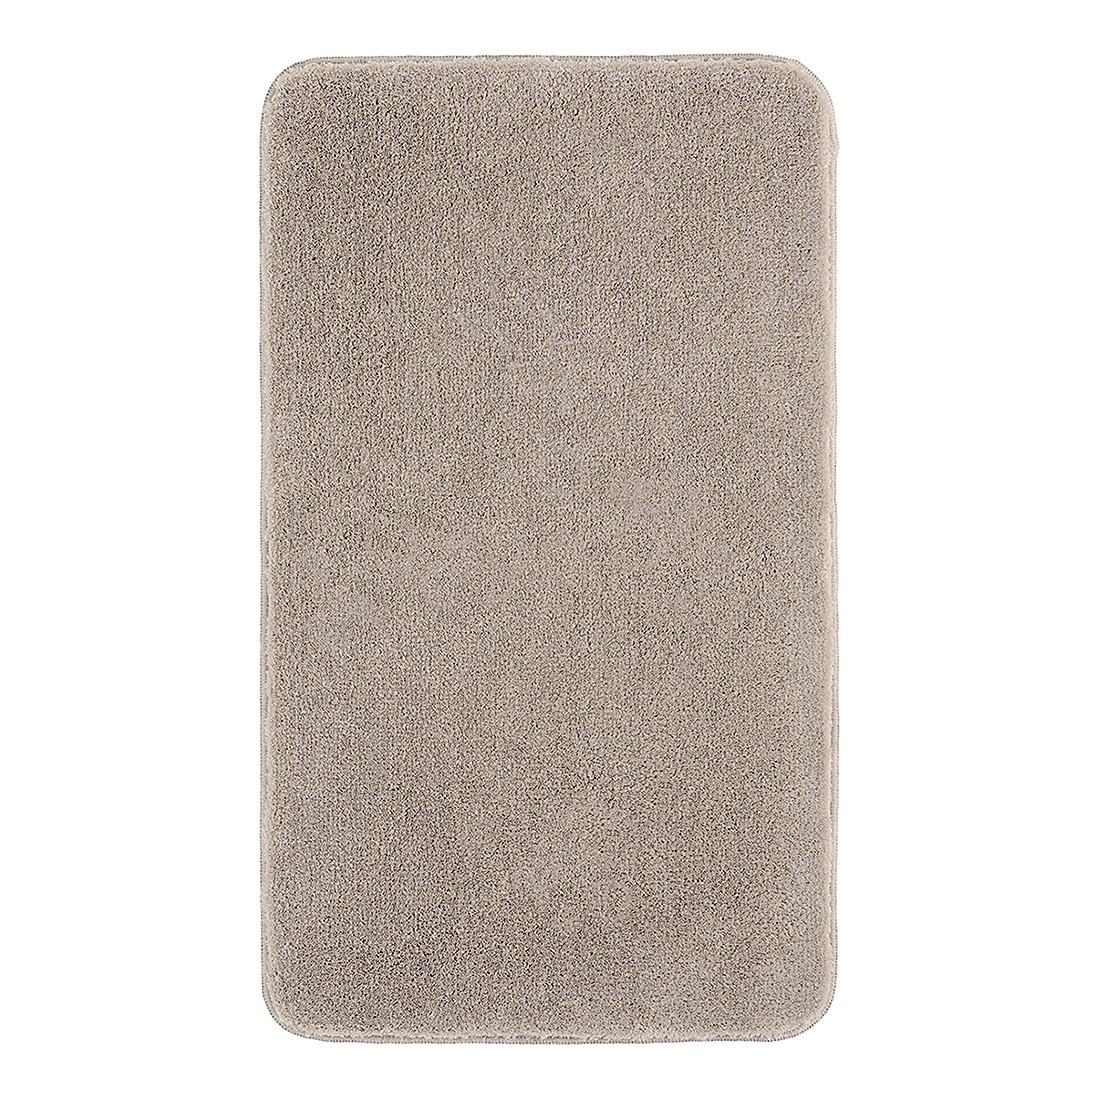 Badteppich Comfort -Mauve – Größe: 100 x 60 cm, Grund günstig kaufen